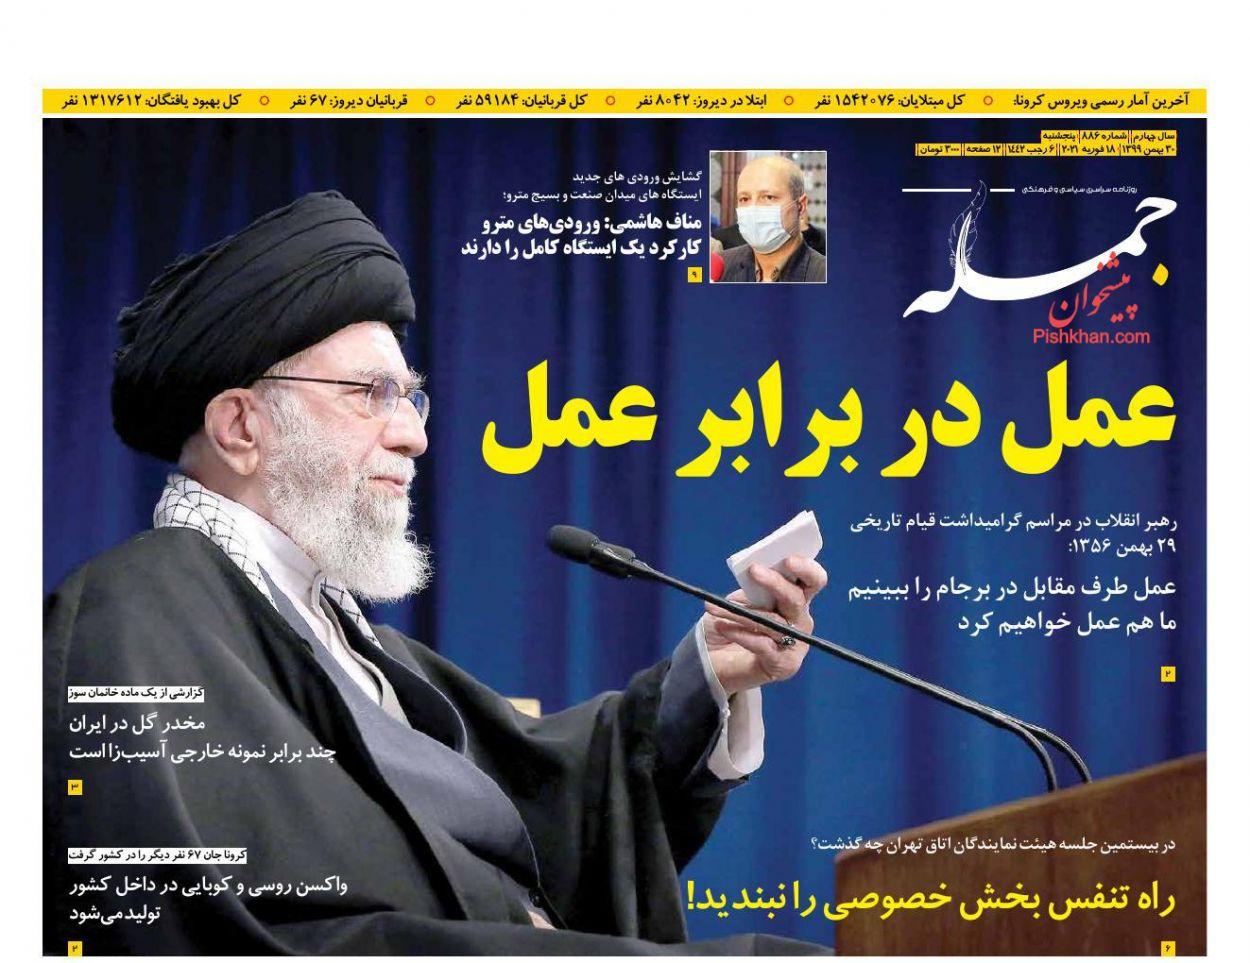 عناوین اخبار روزنامه جمله در روز پنجشنبه ۳۰ بهمن